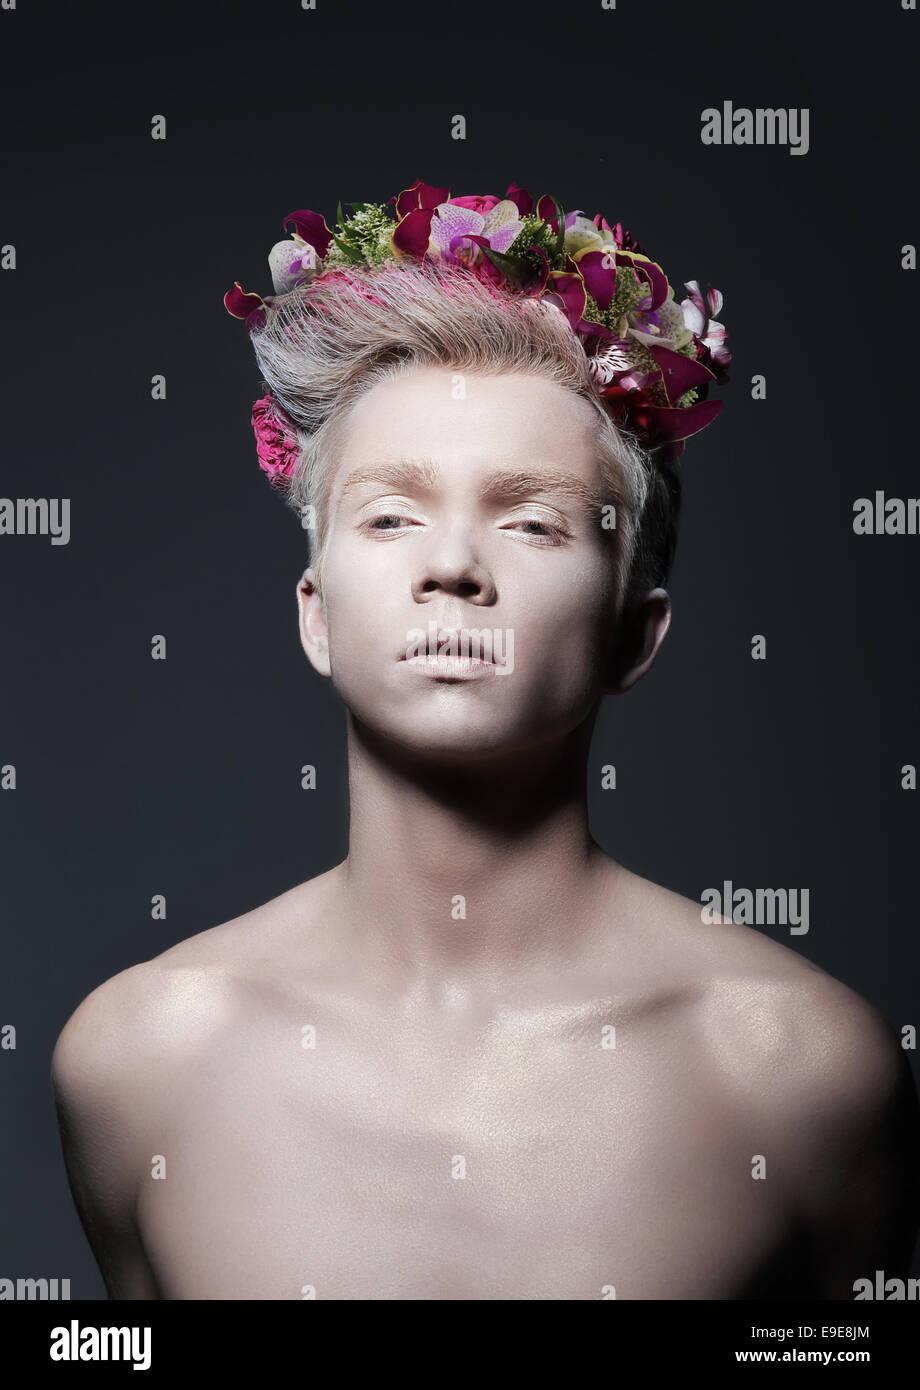 La beauté. Jeune homme avec gerbe de fleurs plus de Gray Photo Stock